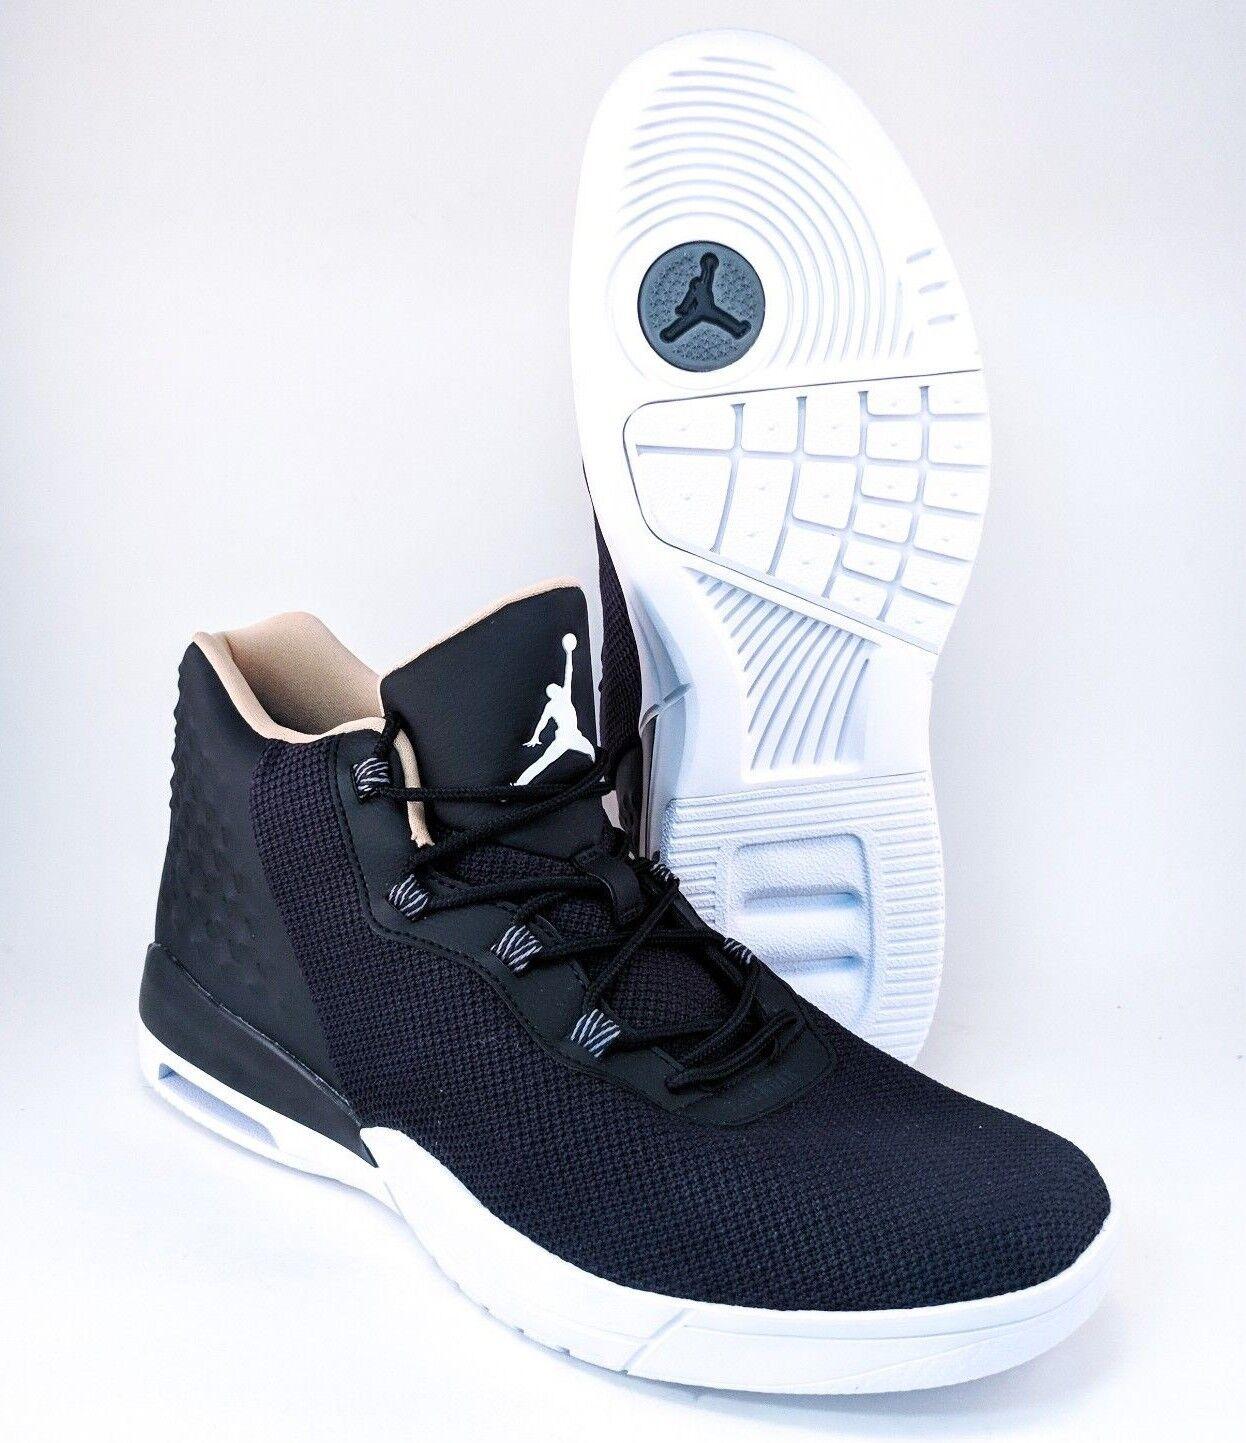 Nike air jordan accademia basket nero taglia 11 844515-012 libera priorità Uomo